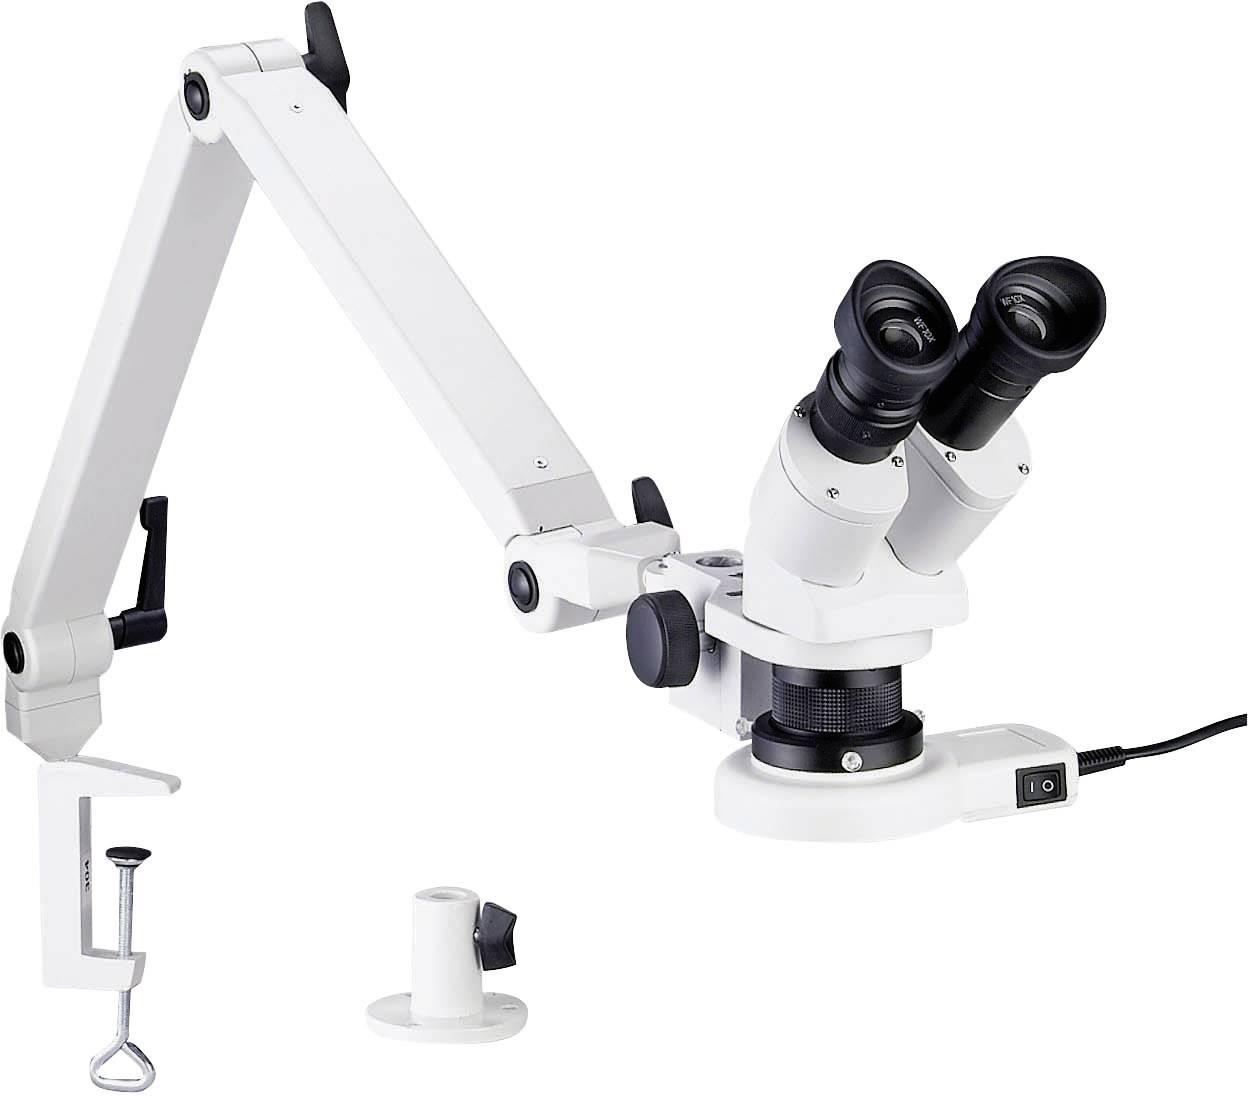 Stereomikroskop Bernstein 9-158 9-158, binokulární, 20 x